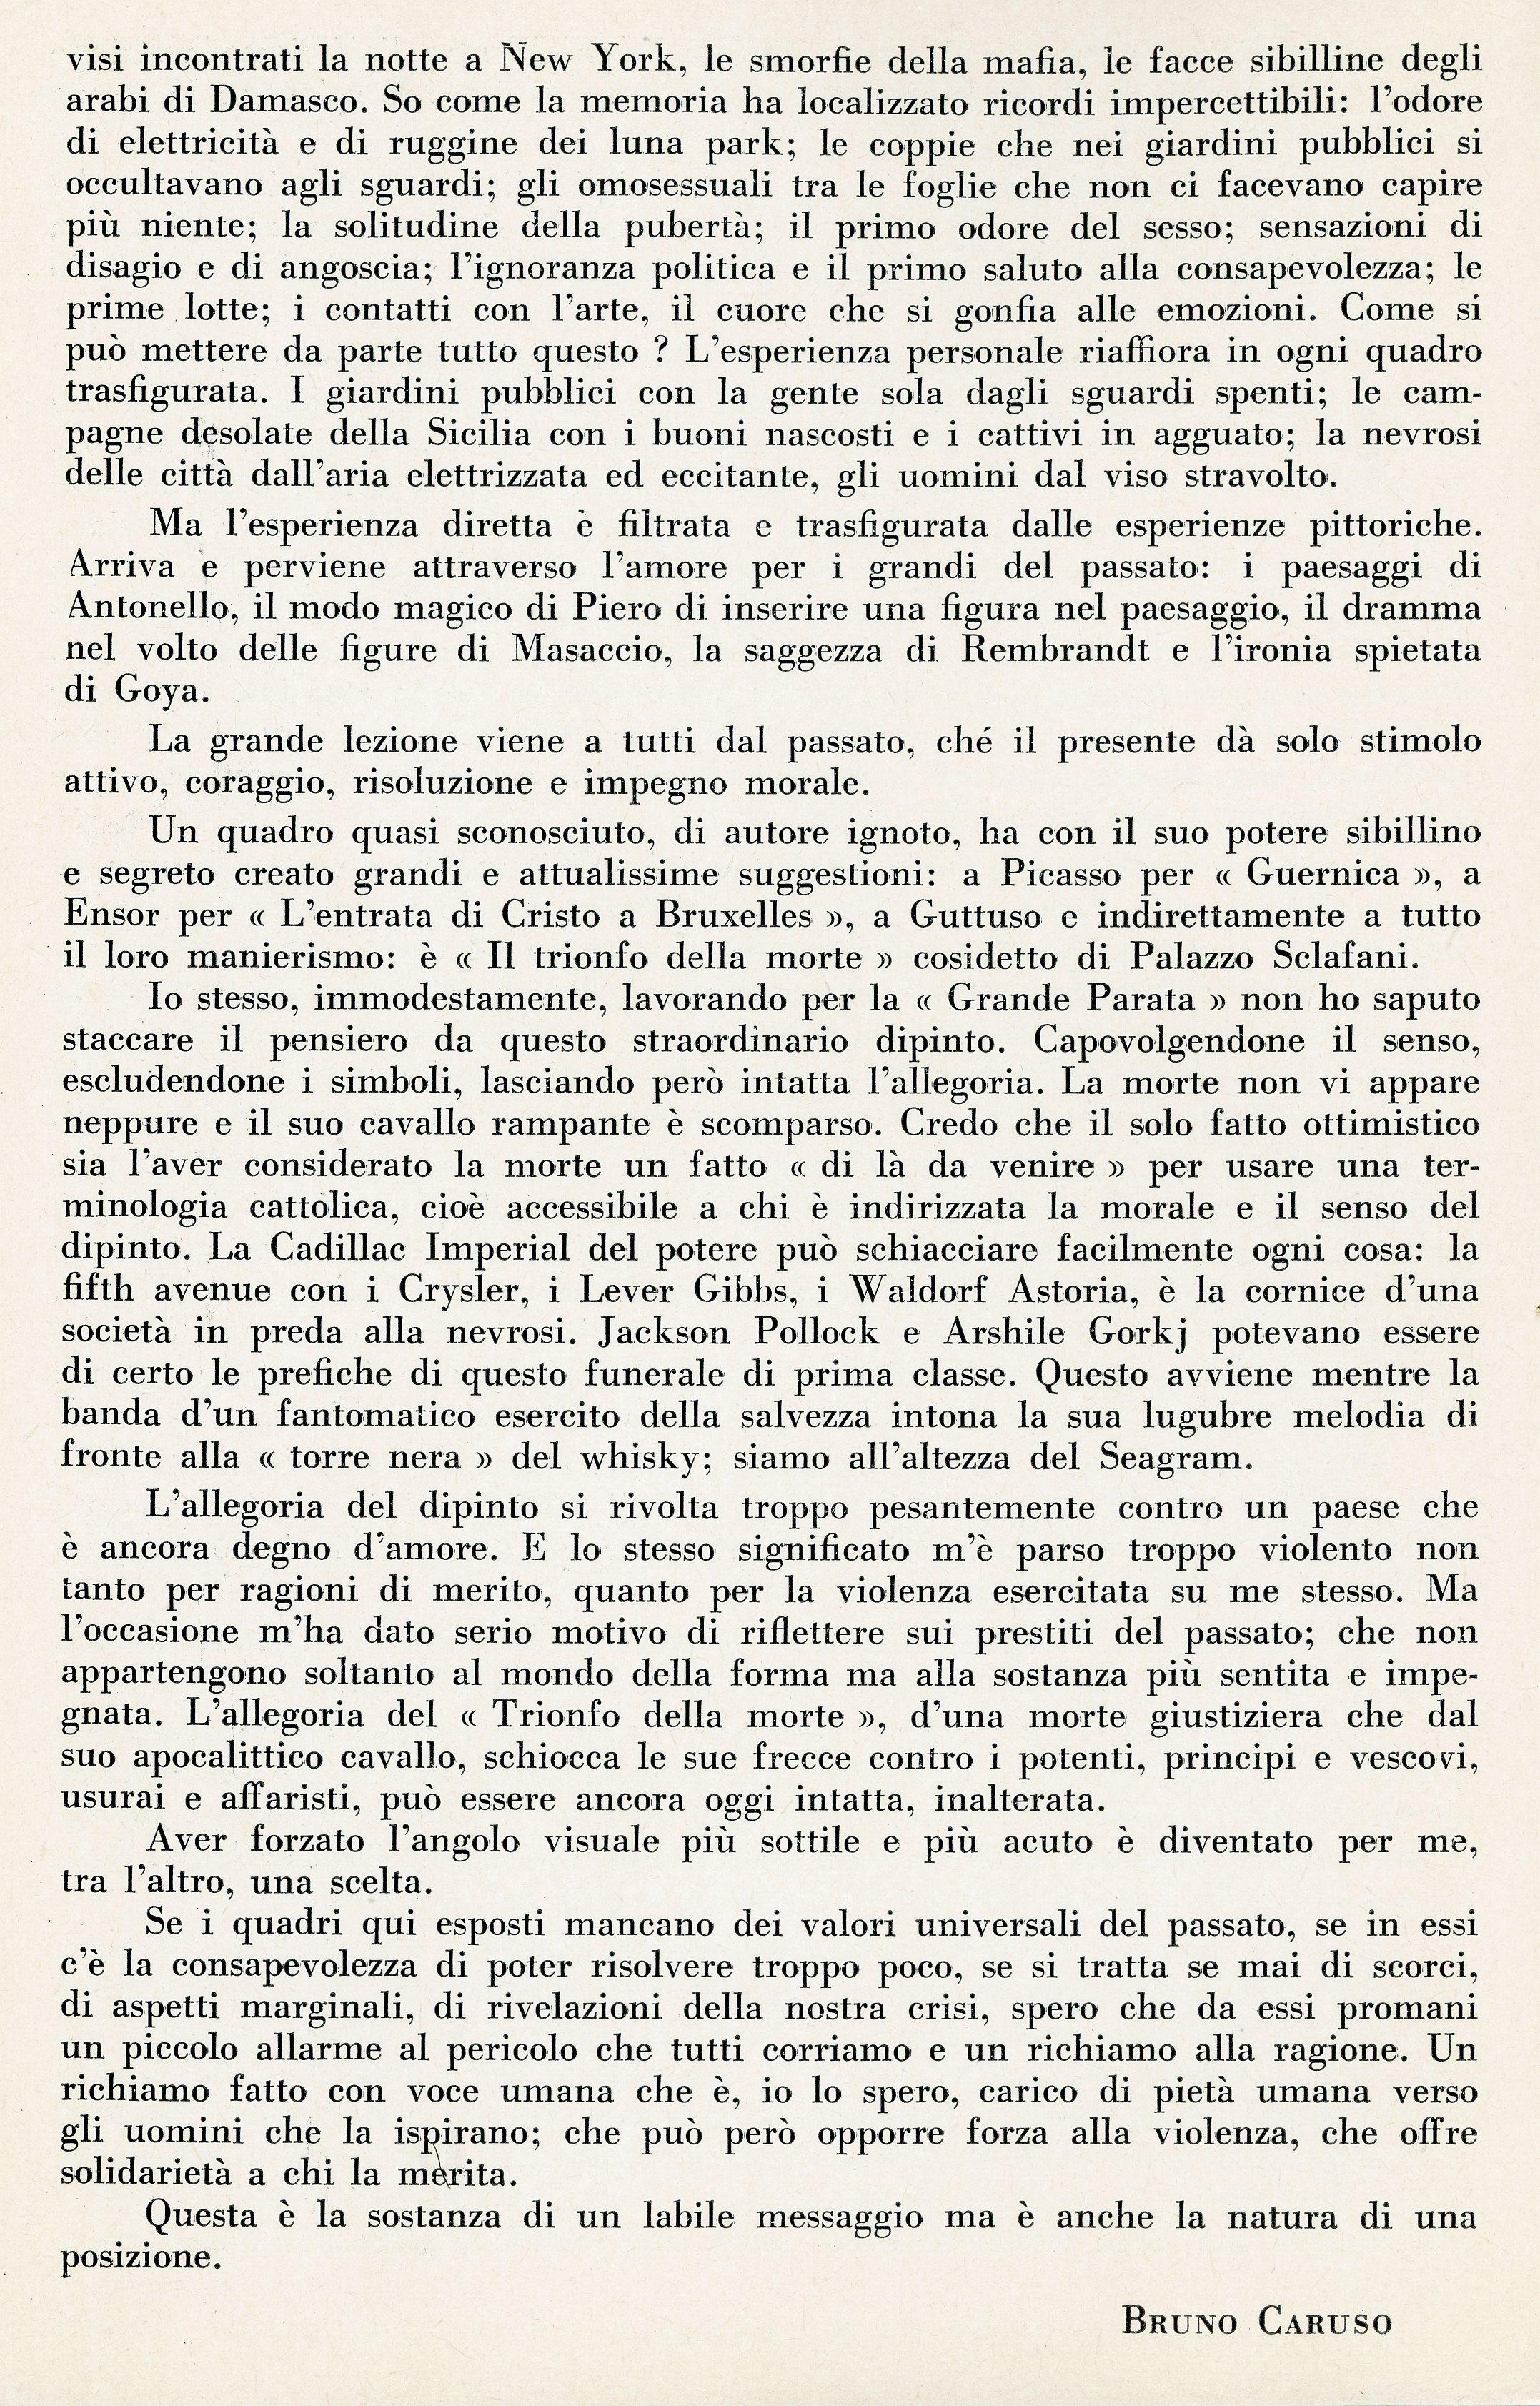 1963-03 Galleria don Chisciotte - Bruno Caruso_03.jpg